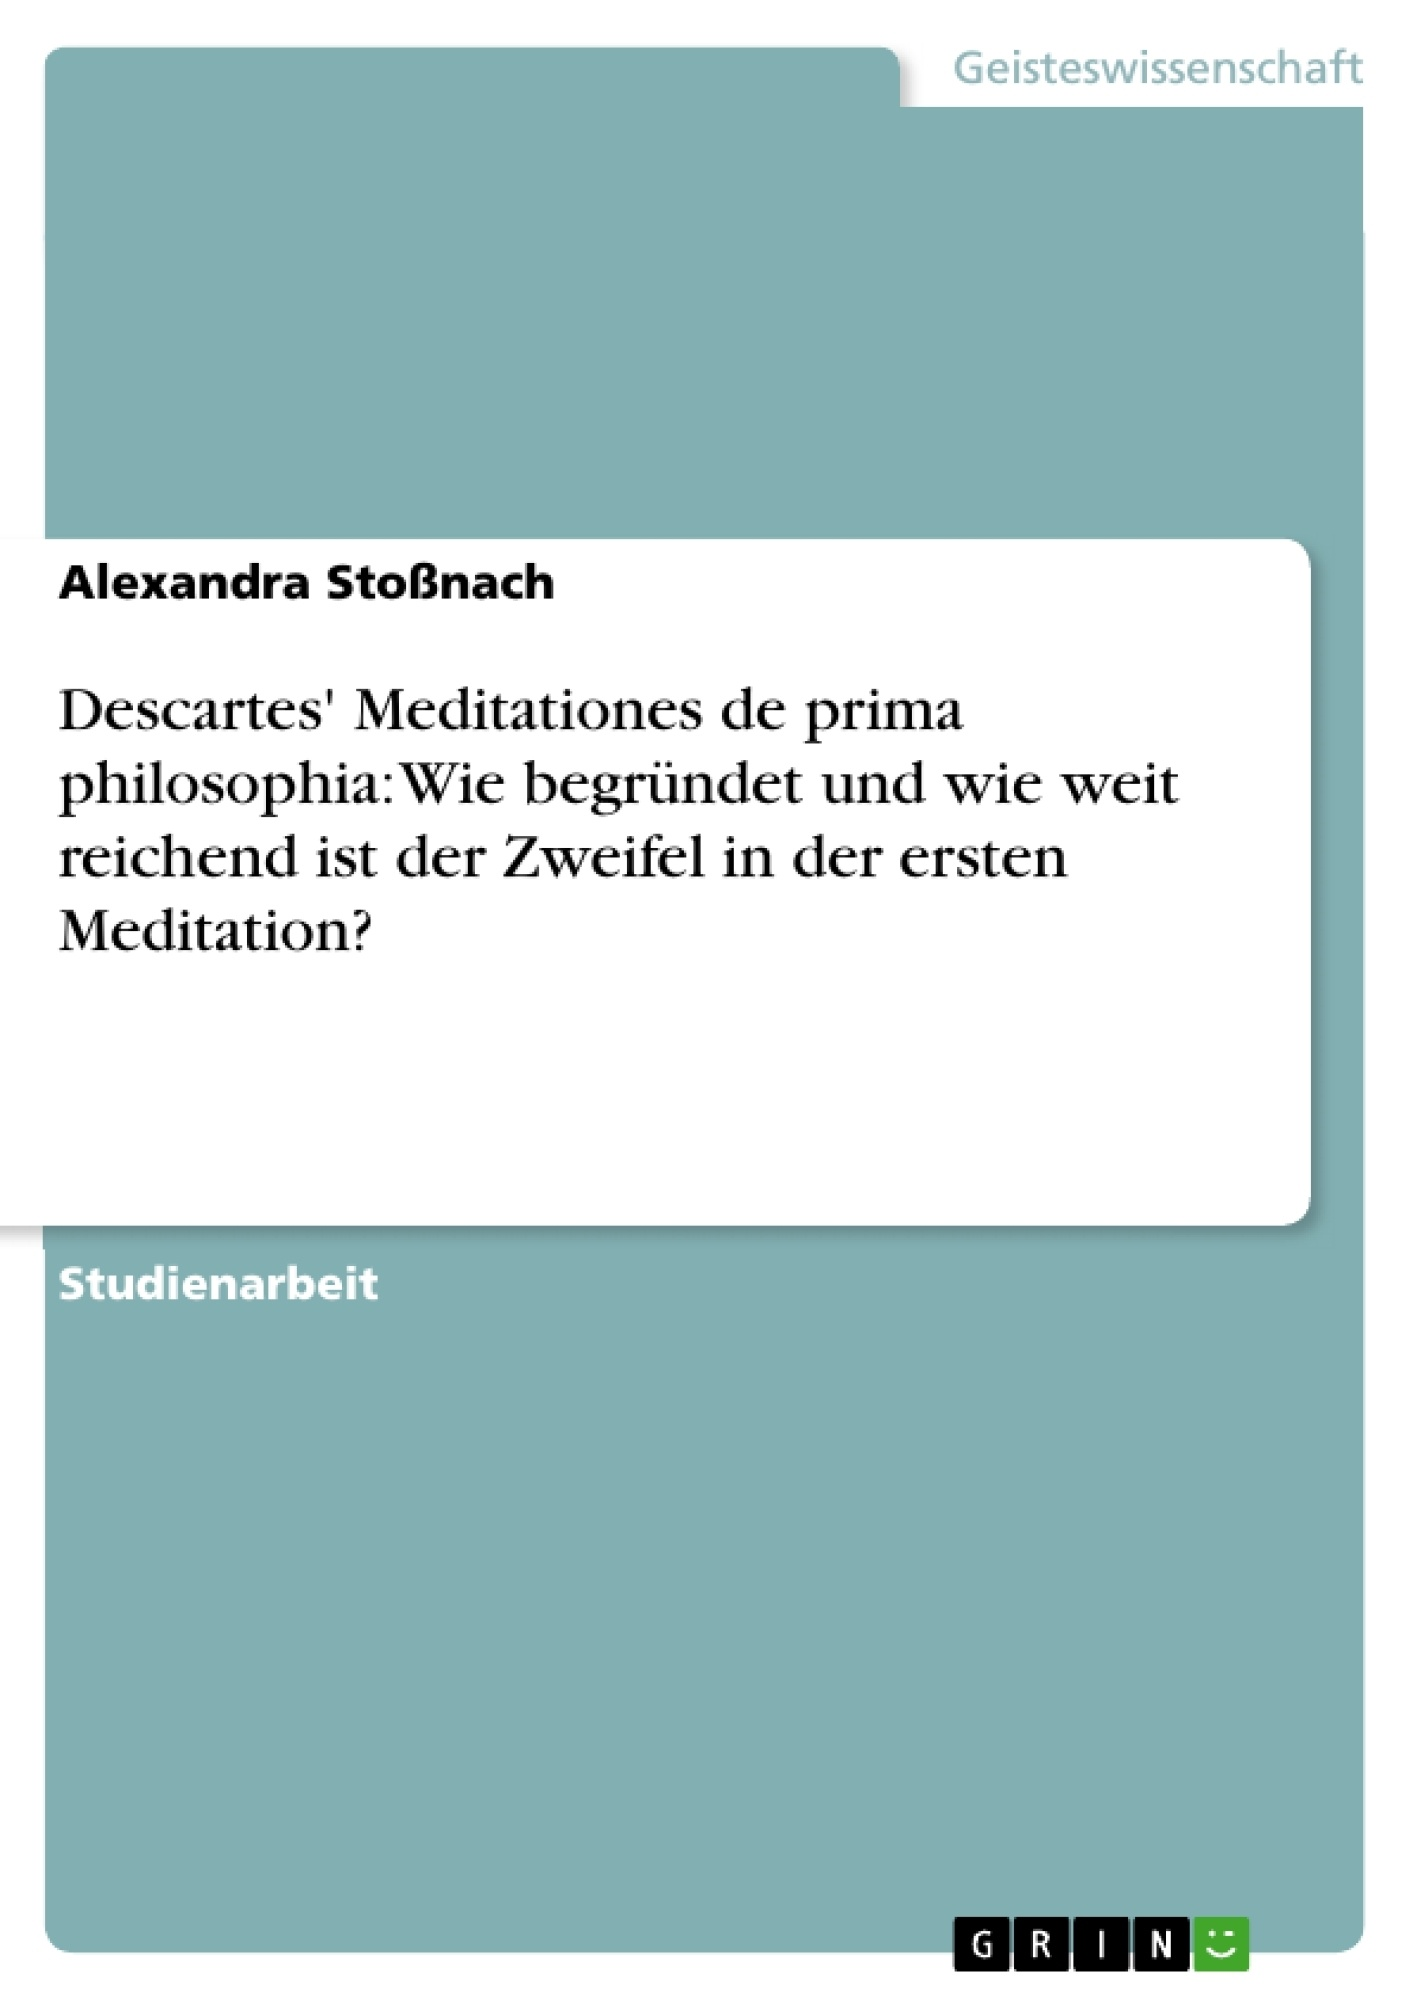 Titel: Descartes' Meditationes de prima philosophia: Wie begründet und wie weit reichend ist der Zweifel in der ersten Meditation?